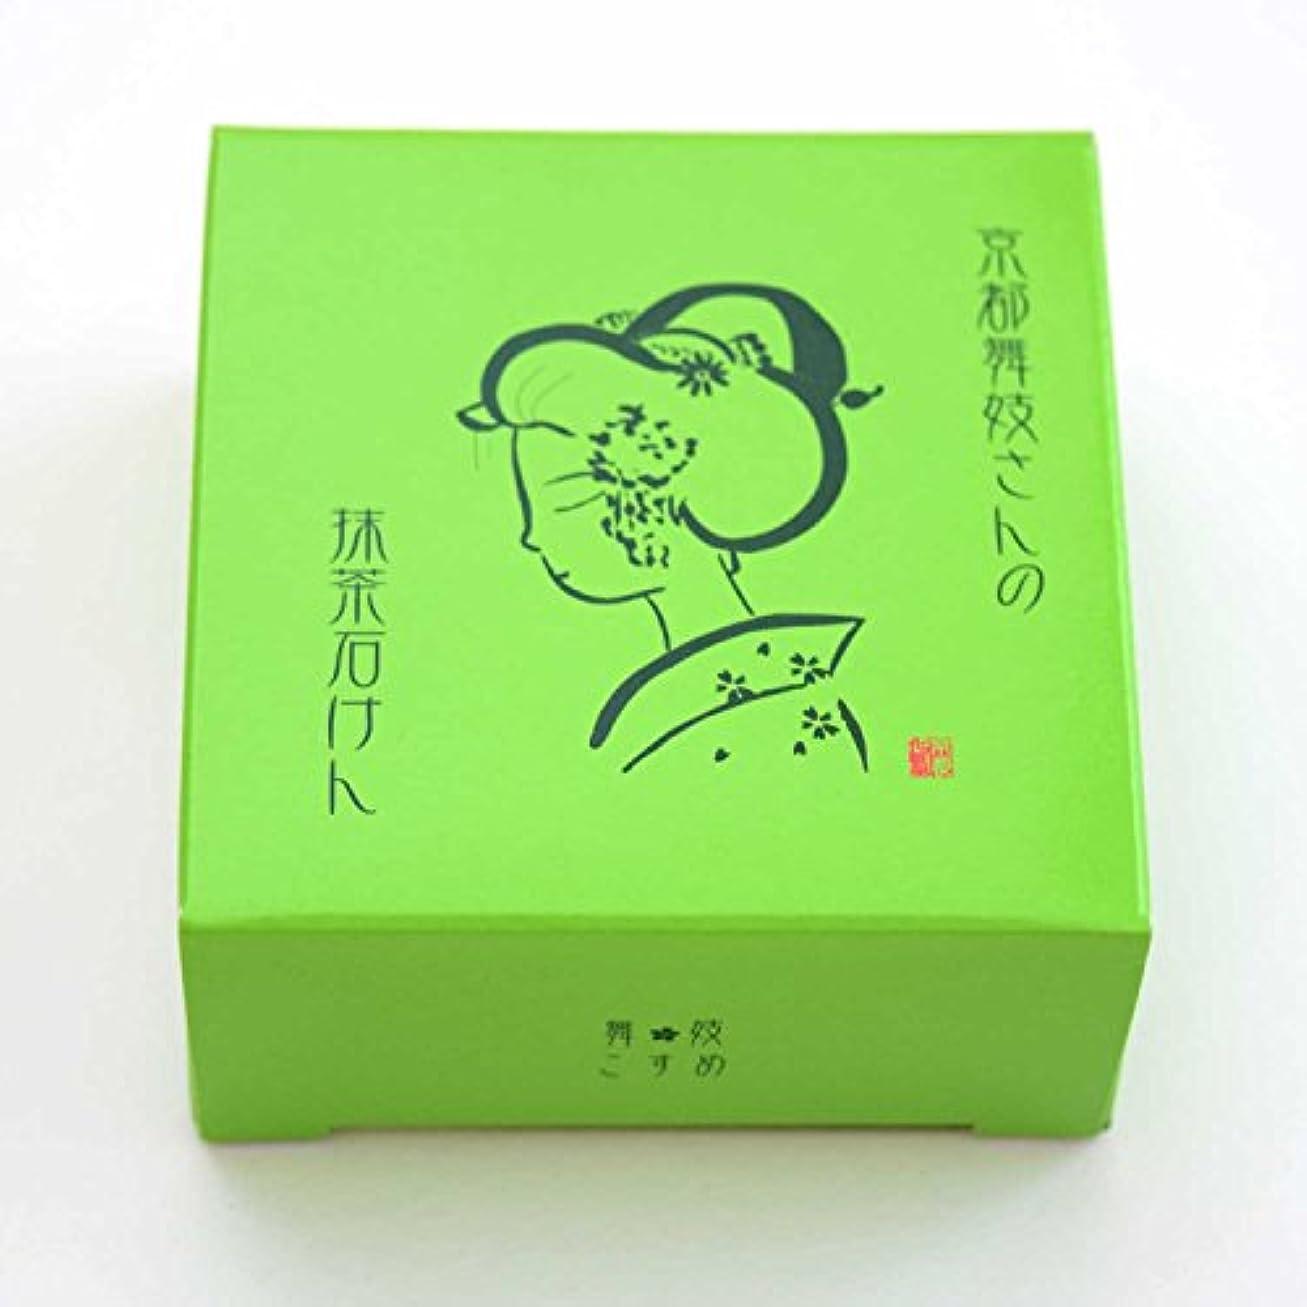 森うめき何故なの京都限定 舞妓さんの抹茶石鹸 茶エキス配合 無香料